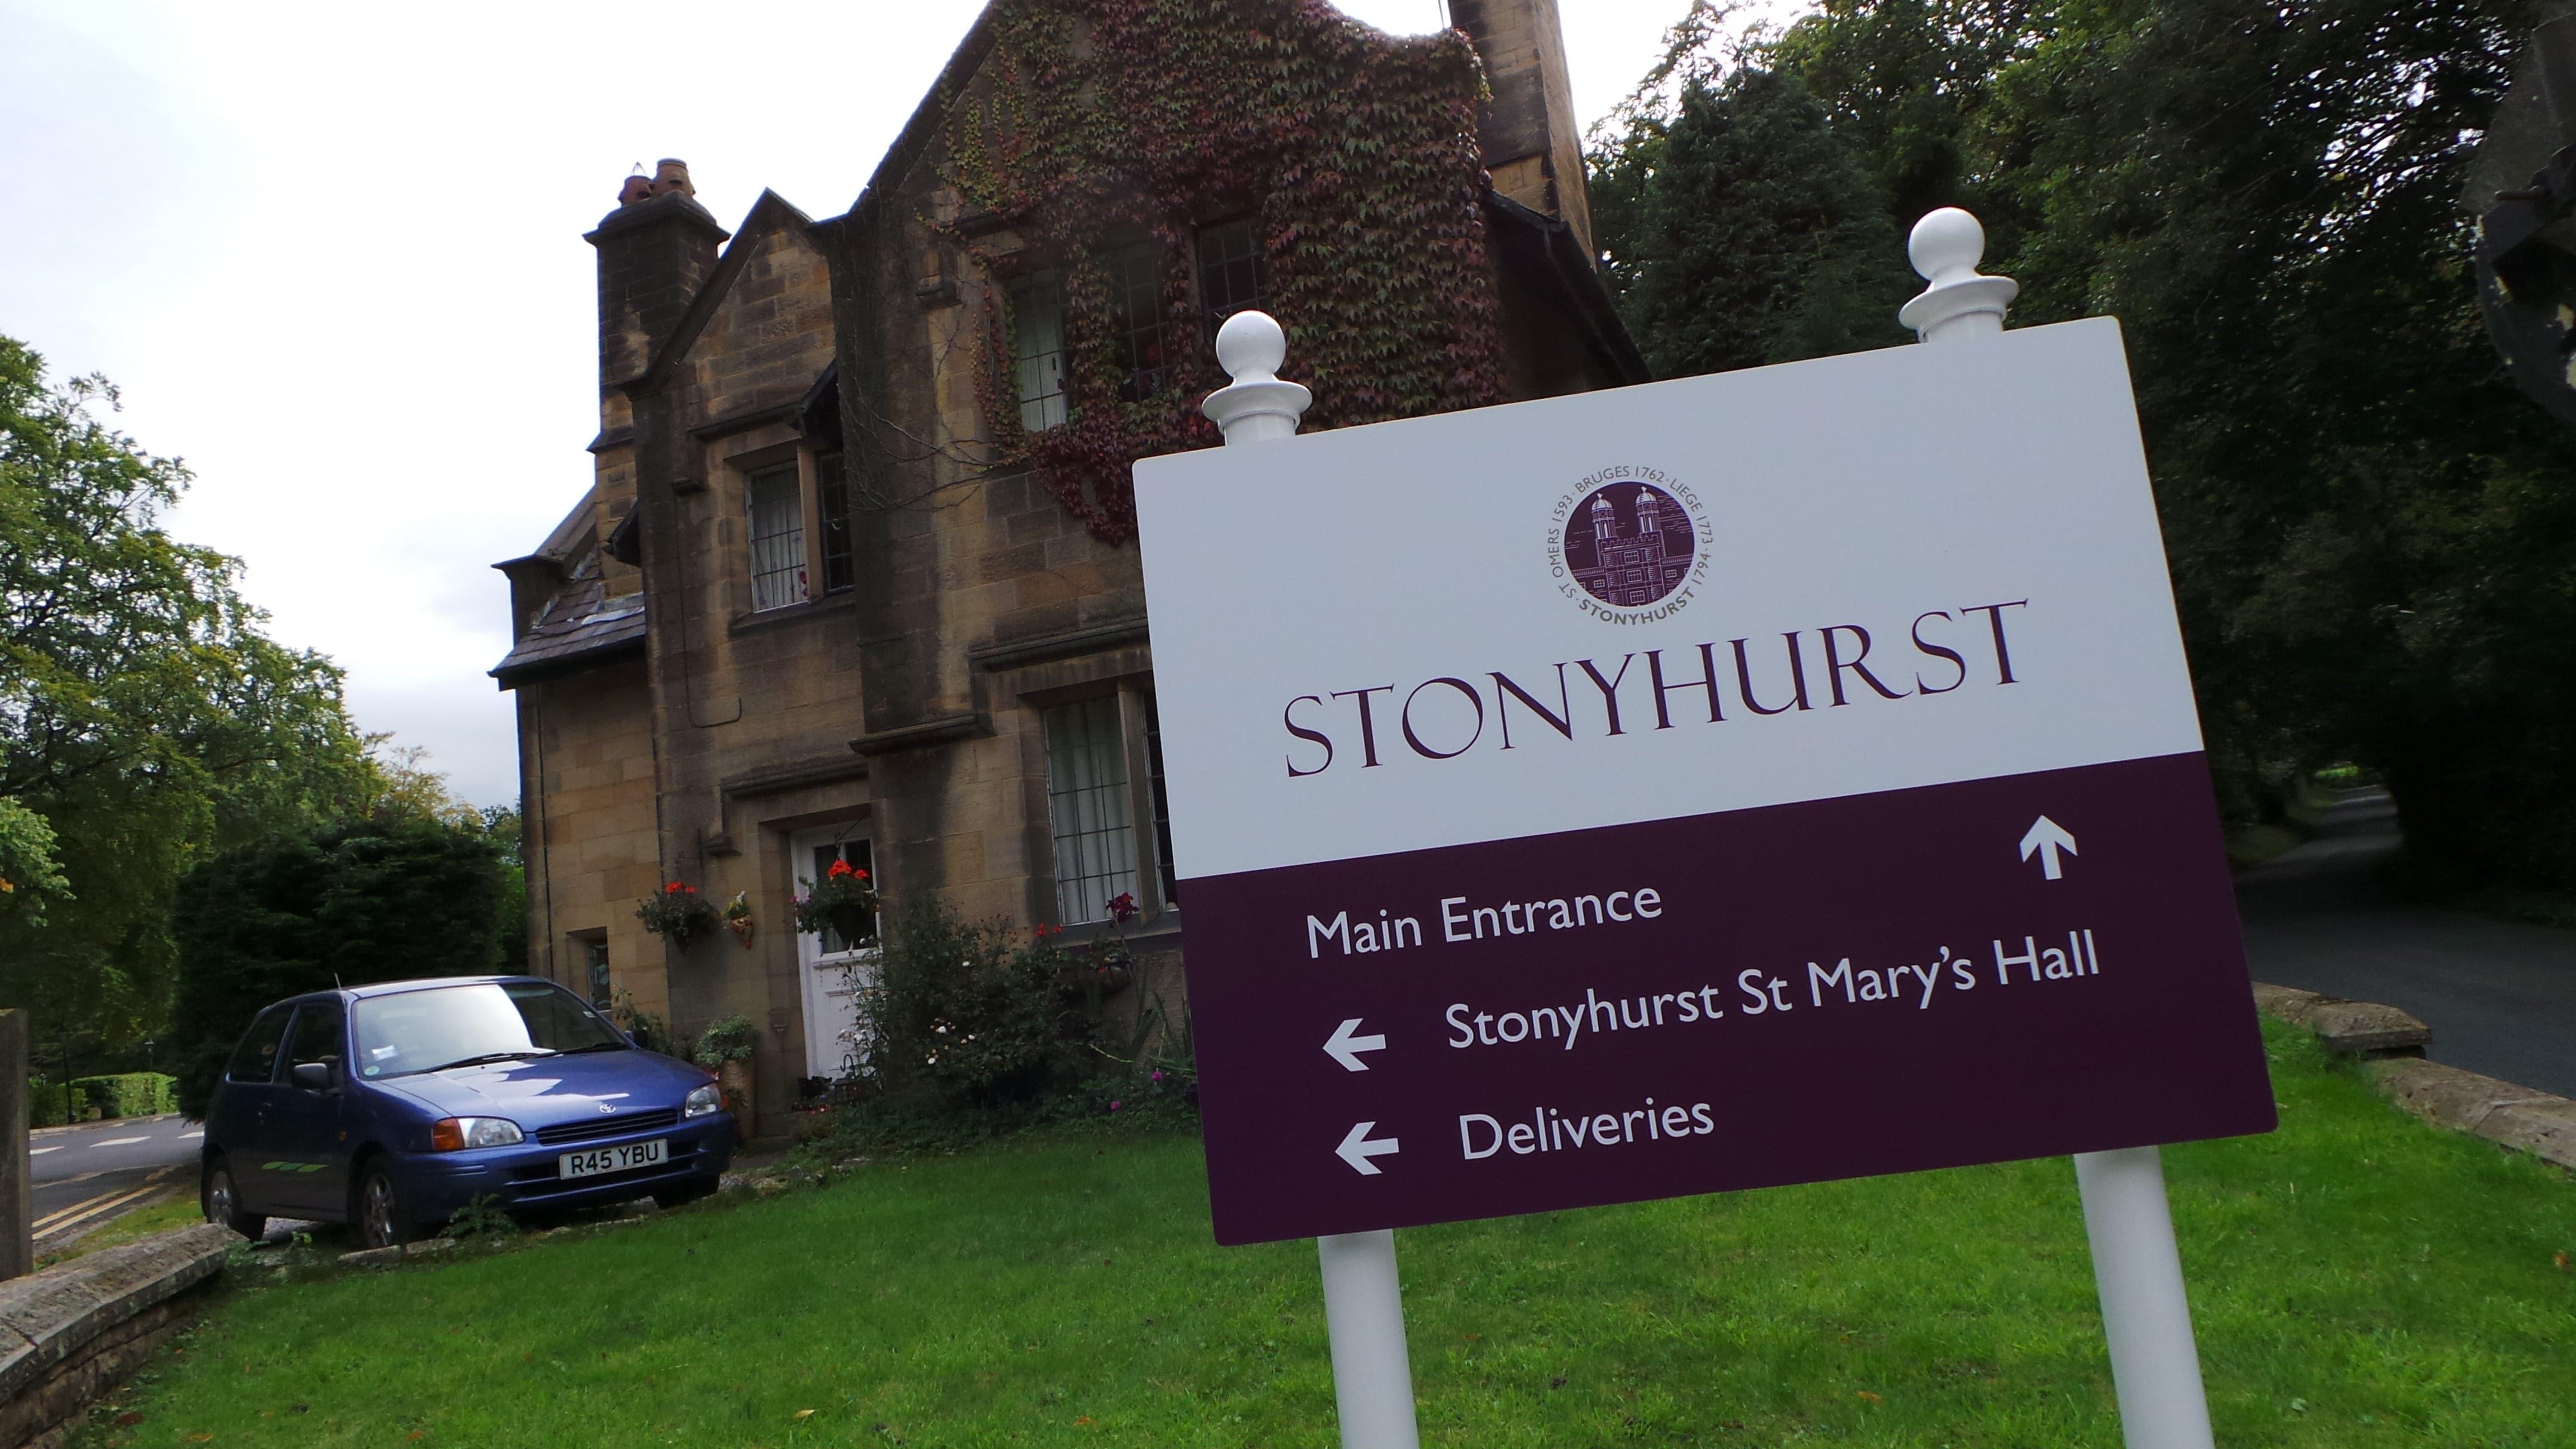 Stonyhurst Wayfinding Signage